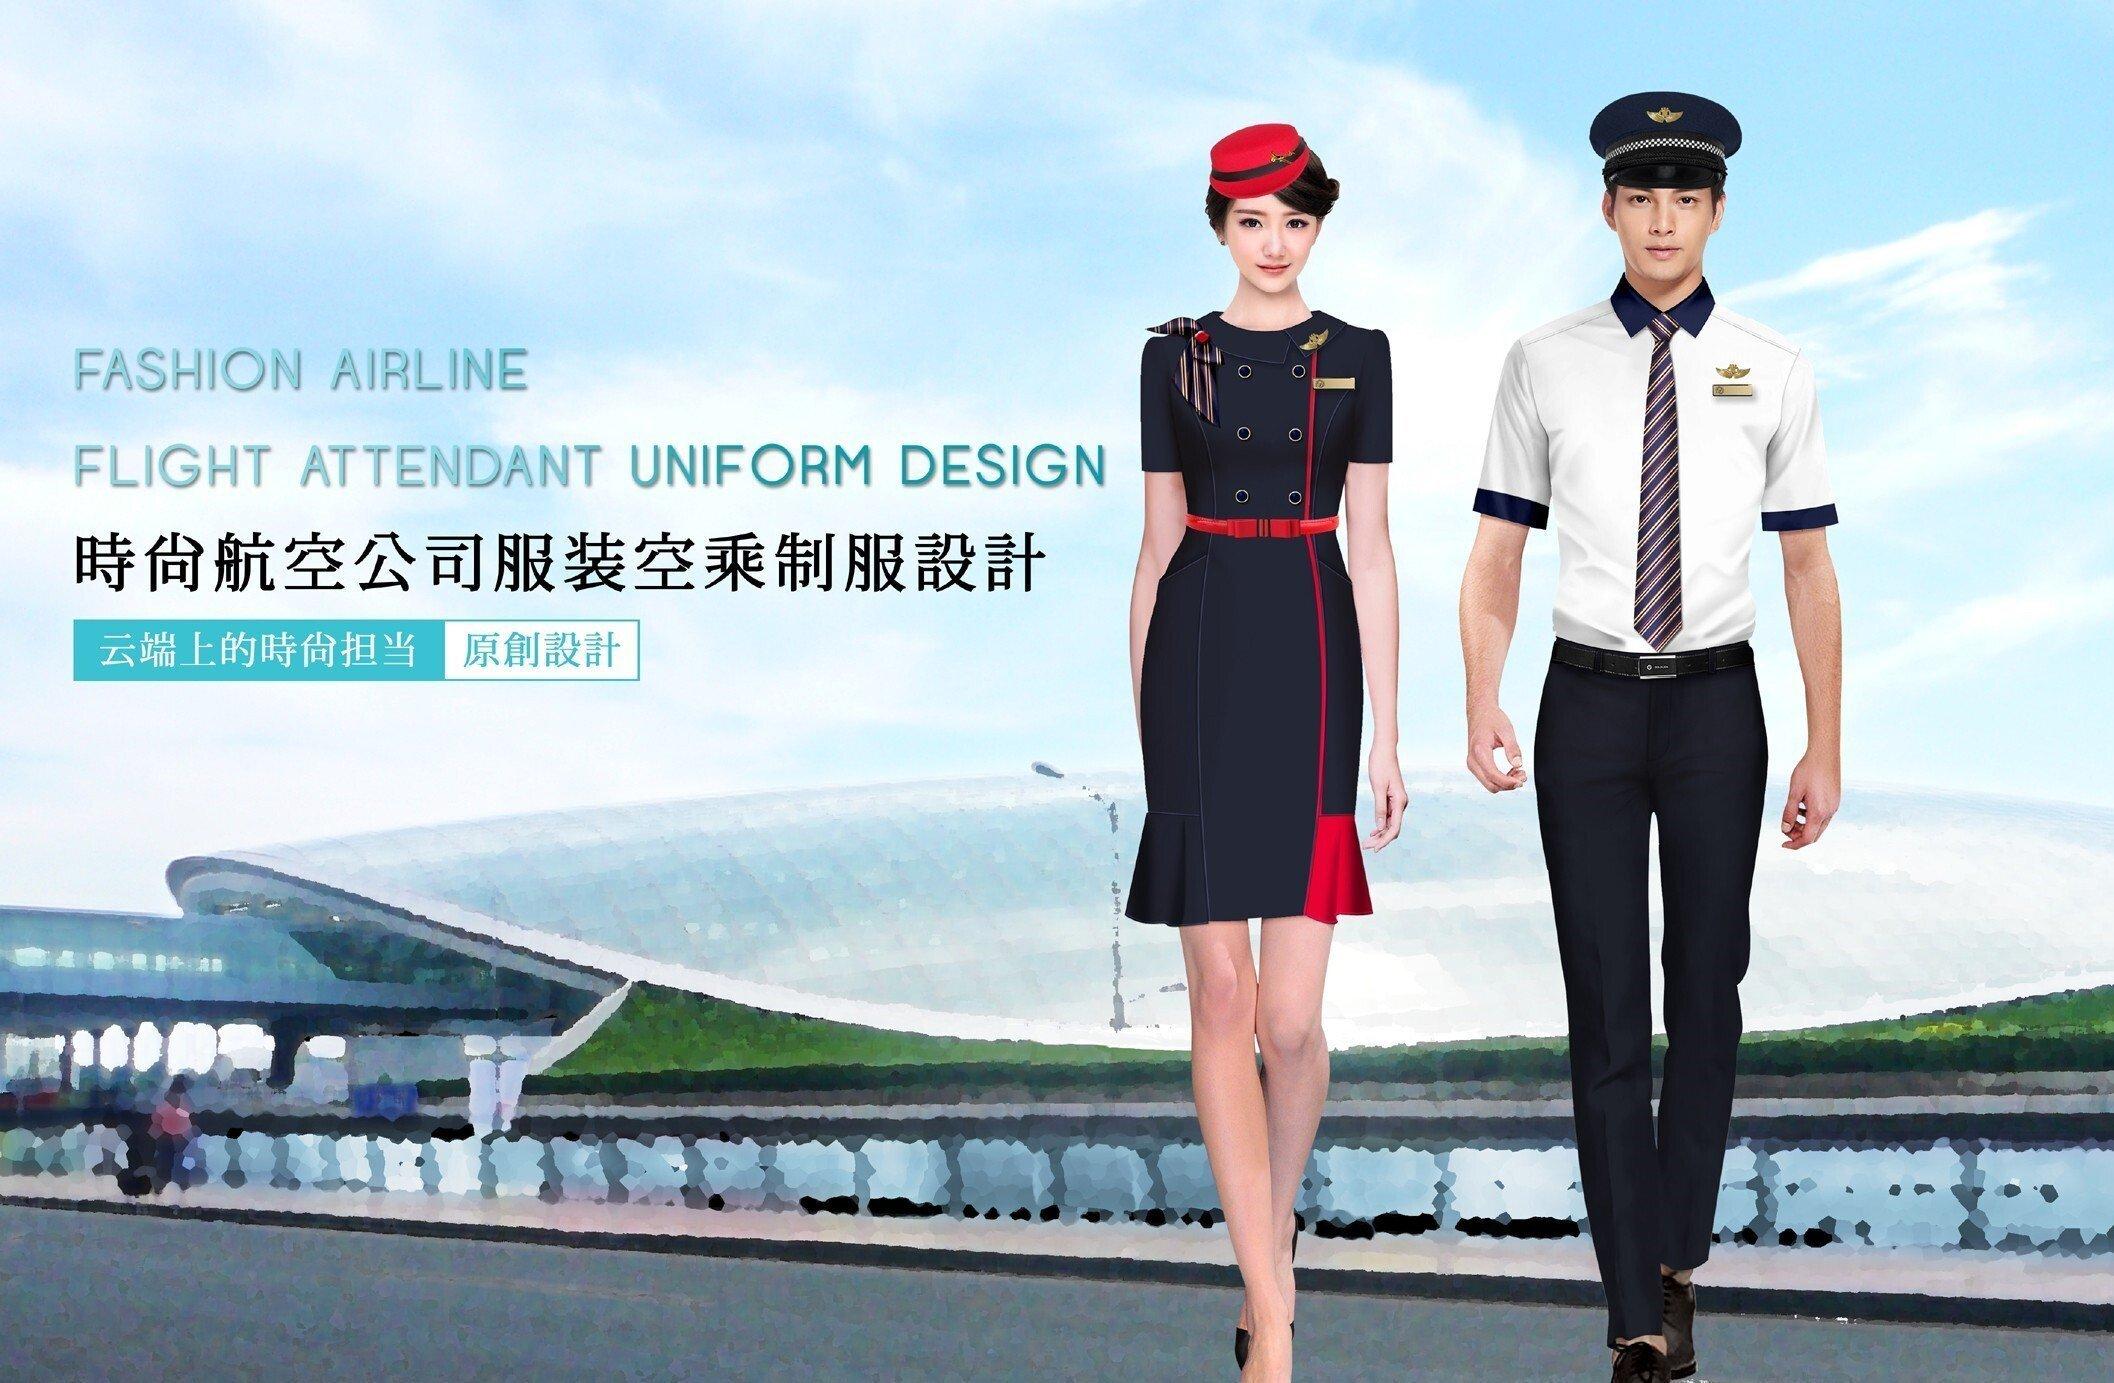 时尚航空公司服装空乘制服设计58779